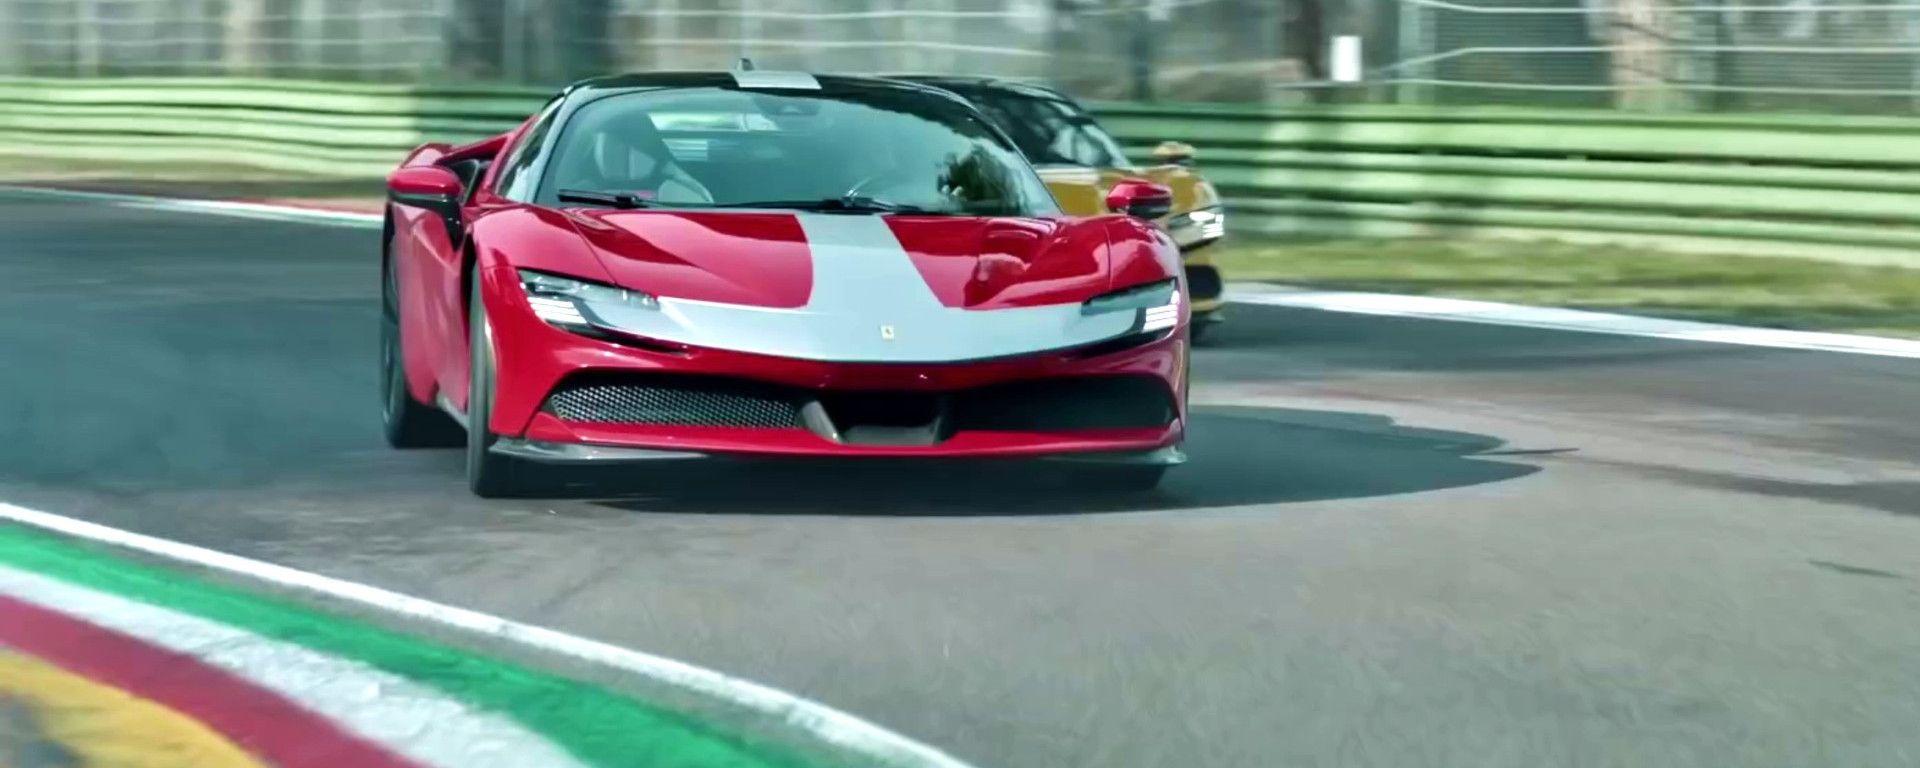 Carlos & Charles: Sainz e Leclerc in pista a Imola con le Ferrari SF90 stradali